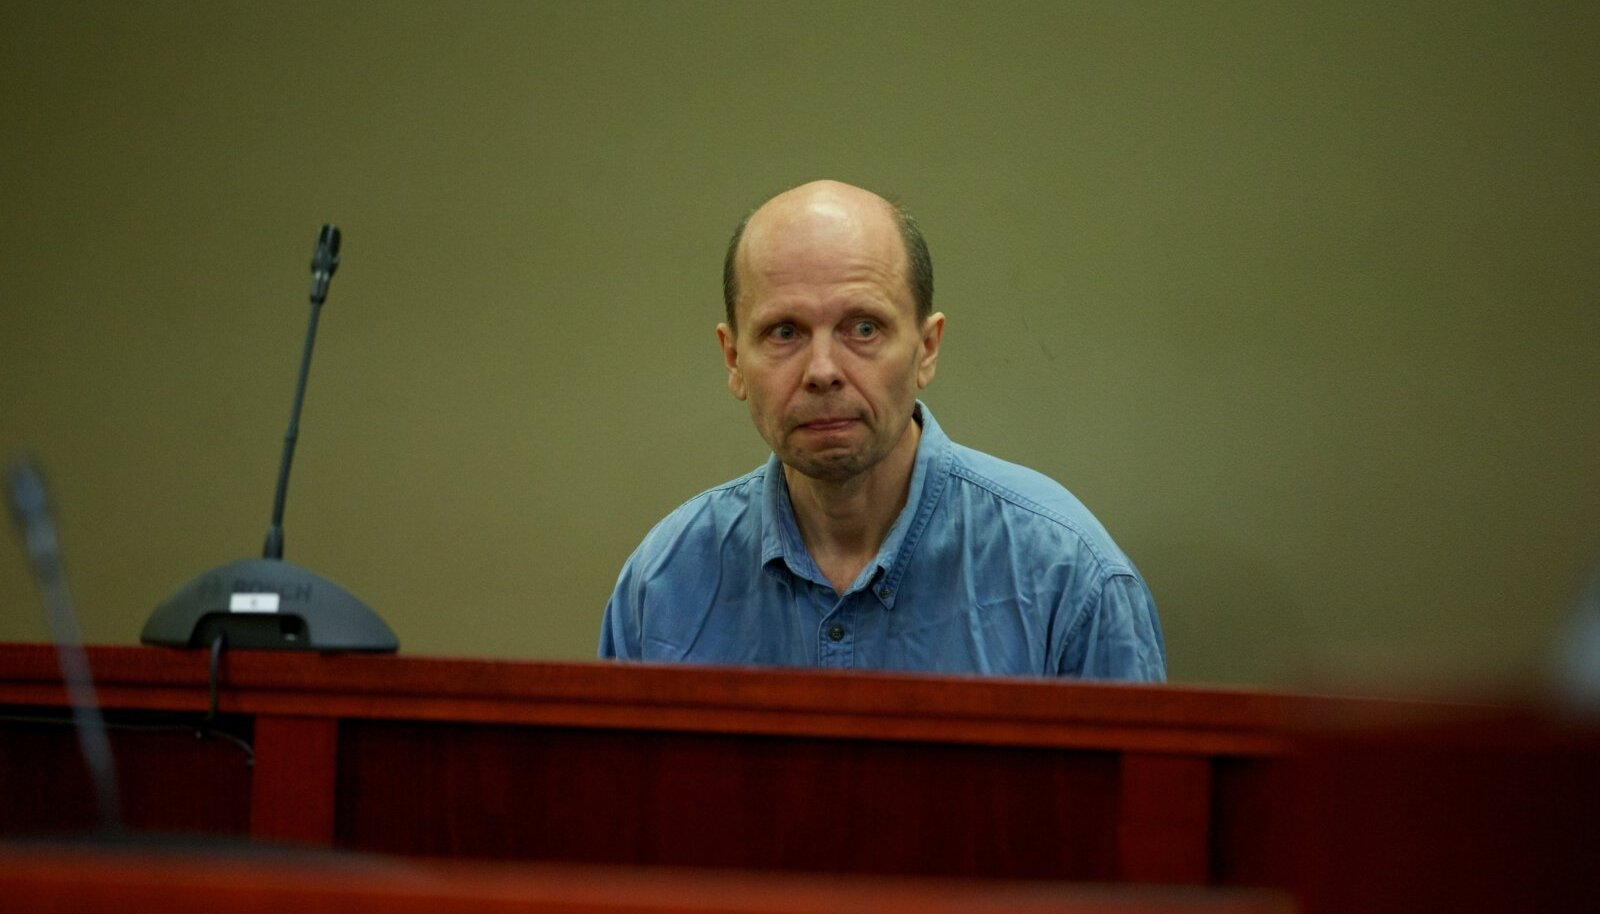 KOHTU ALL: Artur Boiko 2013. aastal kohtupingis, taaskord netikuritegude pärast.